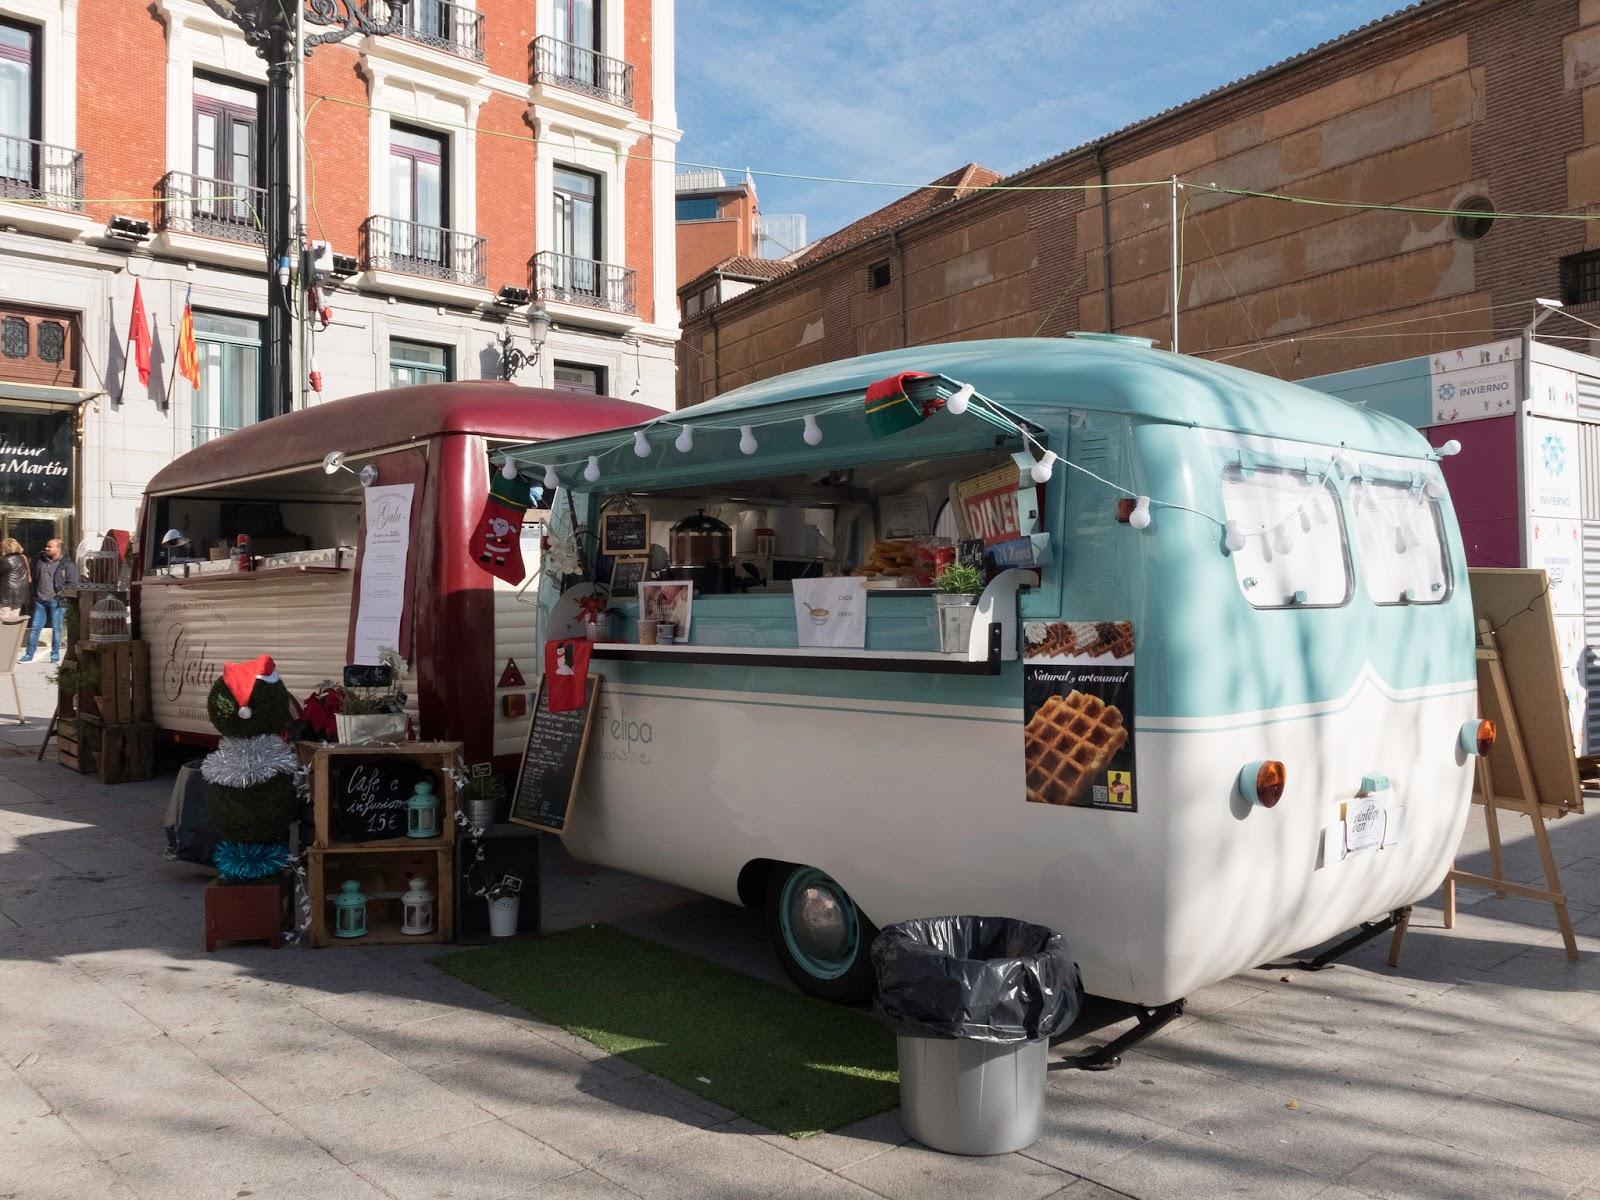 Quiosco de comida rápida, Madrid 2016